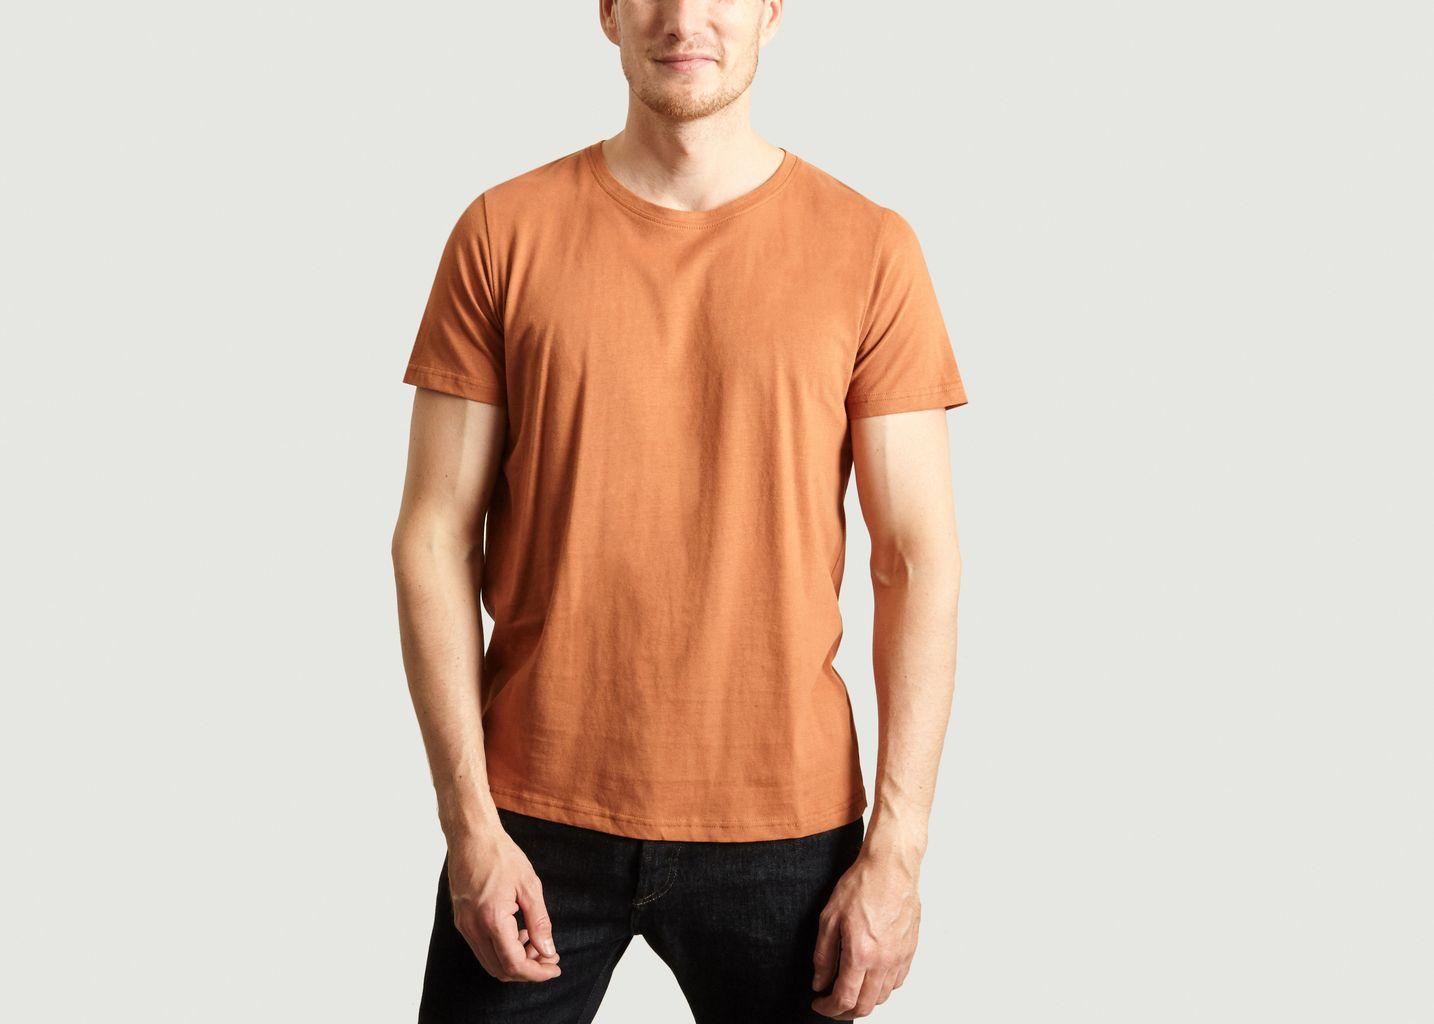 T-shirt Anton - SUIT